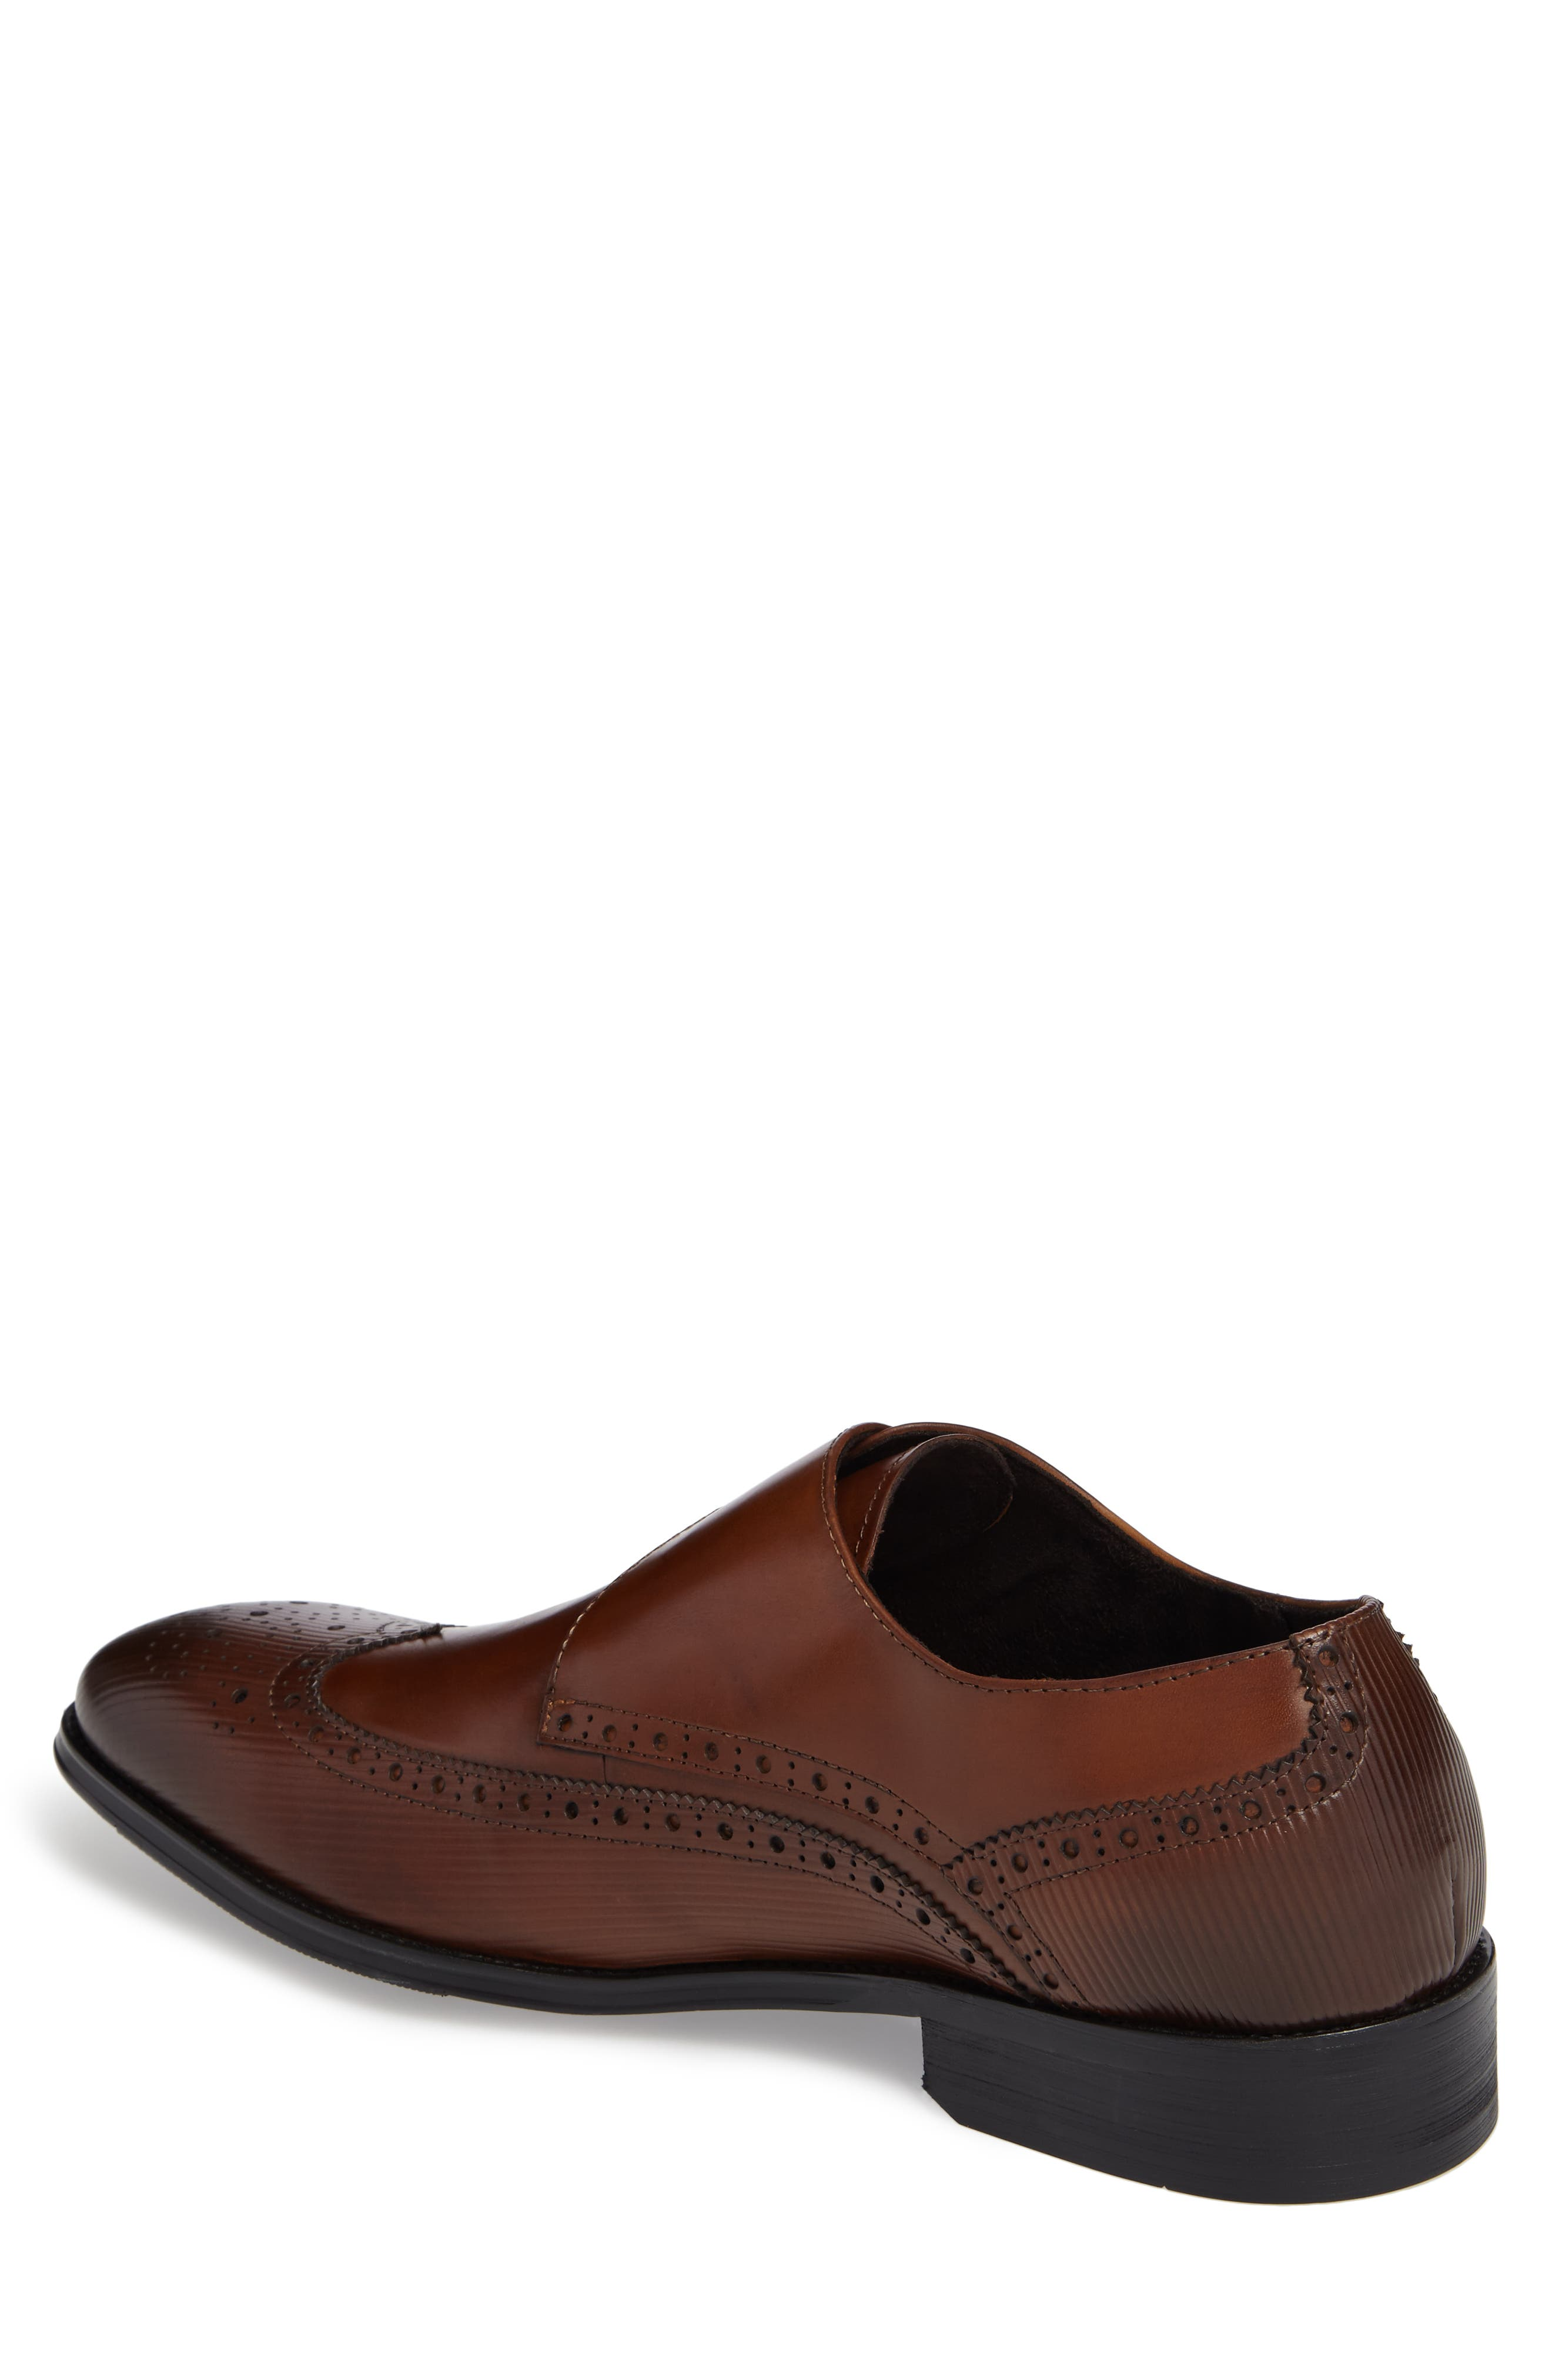 Design Monk Strap Shoe,                             Alternate thumbnail 4, color,